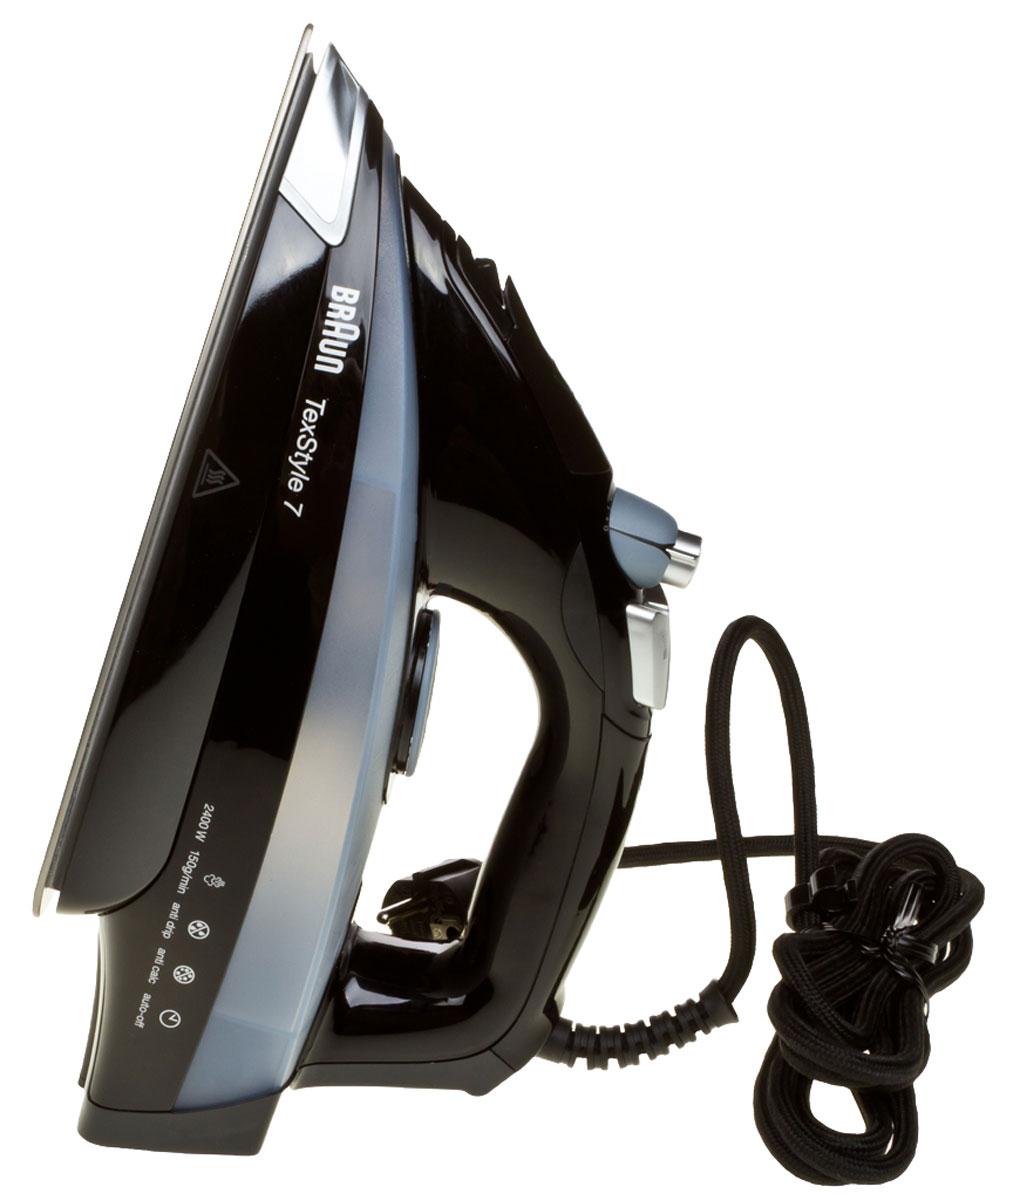 Braun TexStyle TS745A утюг0X12711022Паровой утюг Braun TexStyle TS745A обеспечивает непревзойденный результат глажения даже мелких деталей одежды. Глубоко проникающий пар разглаживает даже самые трудные участки. Высококачественная подошва в сочетании с последними технологиями и современным дизайном гарантирует максимально простое использование утюга и безупречный результат.Уникальная подошва Eloxal устойчива к царапинам, в 2 раза прочнее нержавеющей стали. Обеспечивает идеальное скольжение на всех видах тканей и гарантирует максимально простое использование утюга, а также безупречный результат.Обычно, разглаживание больше 60% складок происходит при помощи носика утюга, но обычные утюги имеют минимальное количество пара в этой области. Уникальная форма паровых отверстий утюгов Braun TexStyle TS745A позволяет выпускать пар ближе к носику – именно там, где он нужен, обеспечивая тем самым более качественный результат глажения в труднодоступных местах.Авто-отключение спустя 8 минут в вертикальном и 30 секунд в горизонтальном положении для максимально безопасного использования и энергосбережения.